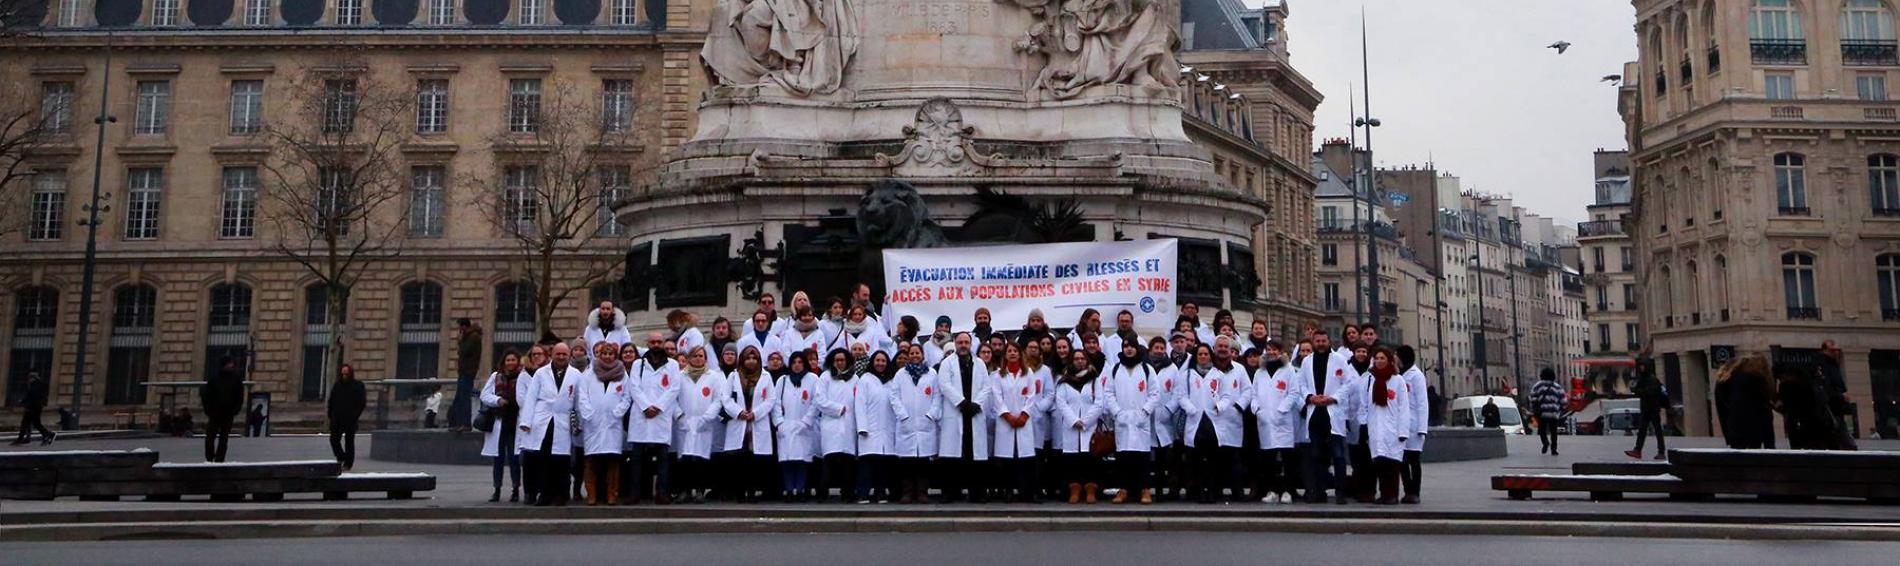 Ärzte der Welt protestiert weltweit für uneingeschränkten Zugang humanitärer Mitarbeiter in Syrien. Foto: Médecins du Monde